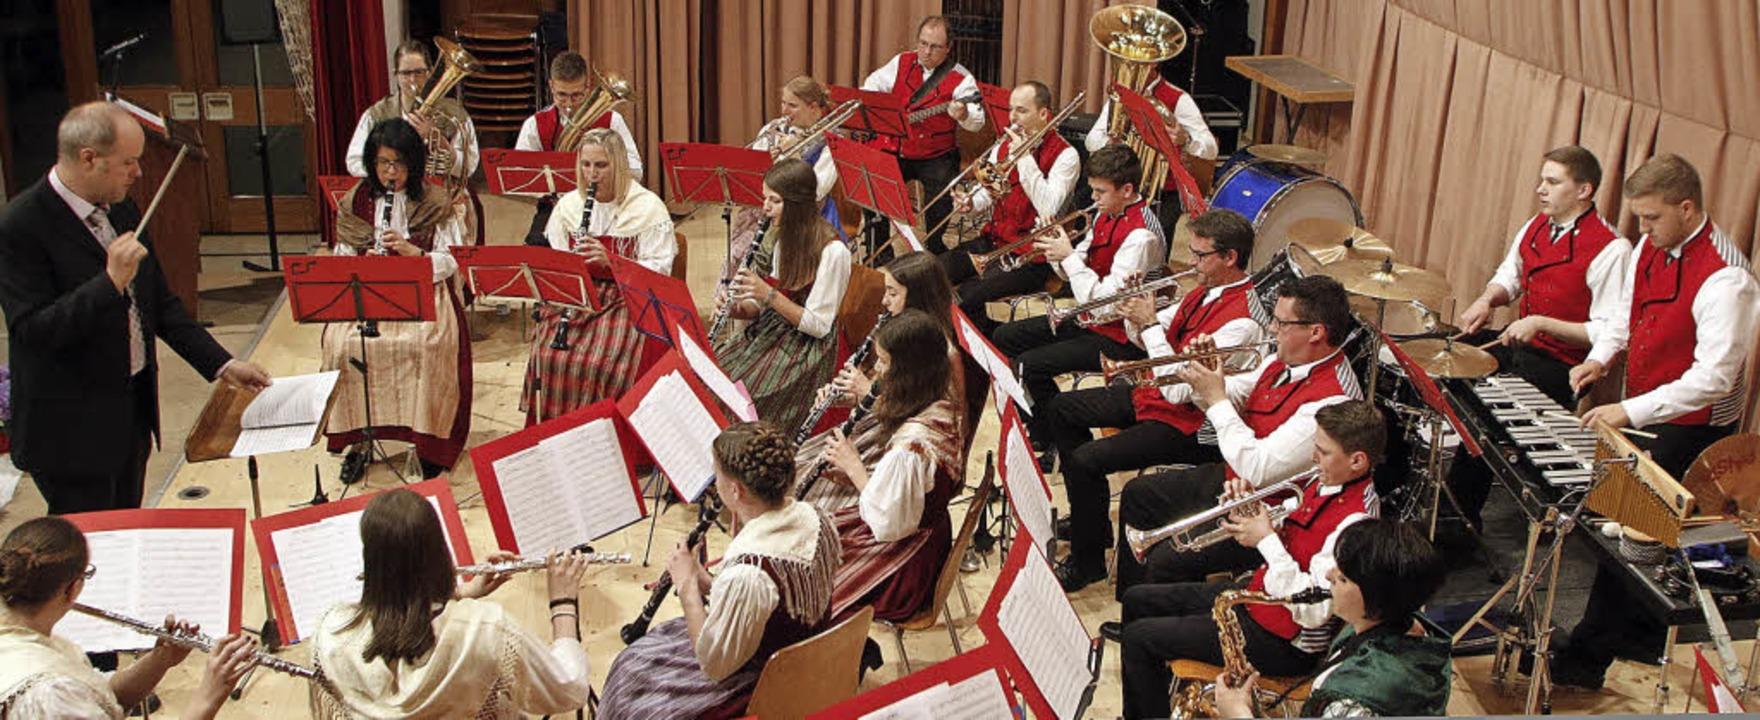 Die Trachtenkapelle bot bei ihrem Jahreskonzert ein erfrischendes Repertoire.   | Foto: Heidi Fössel